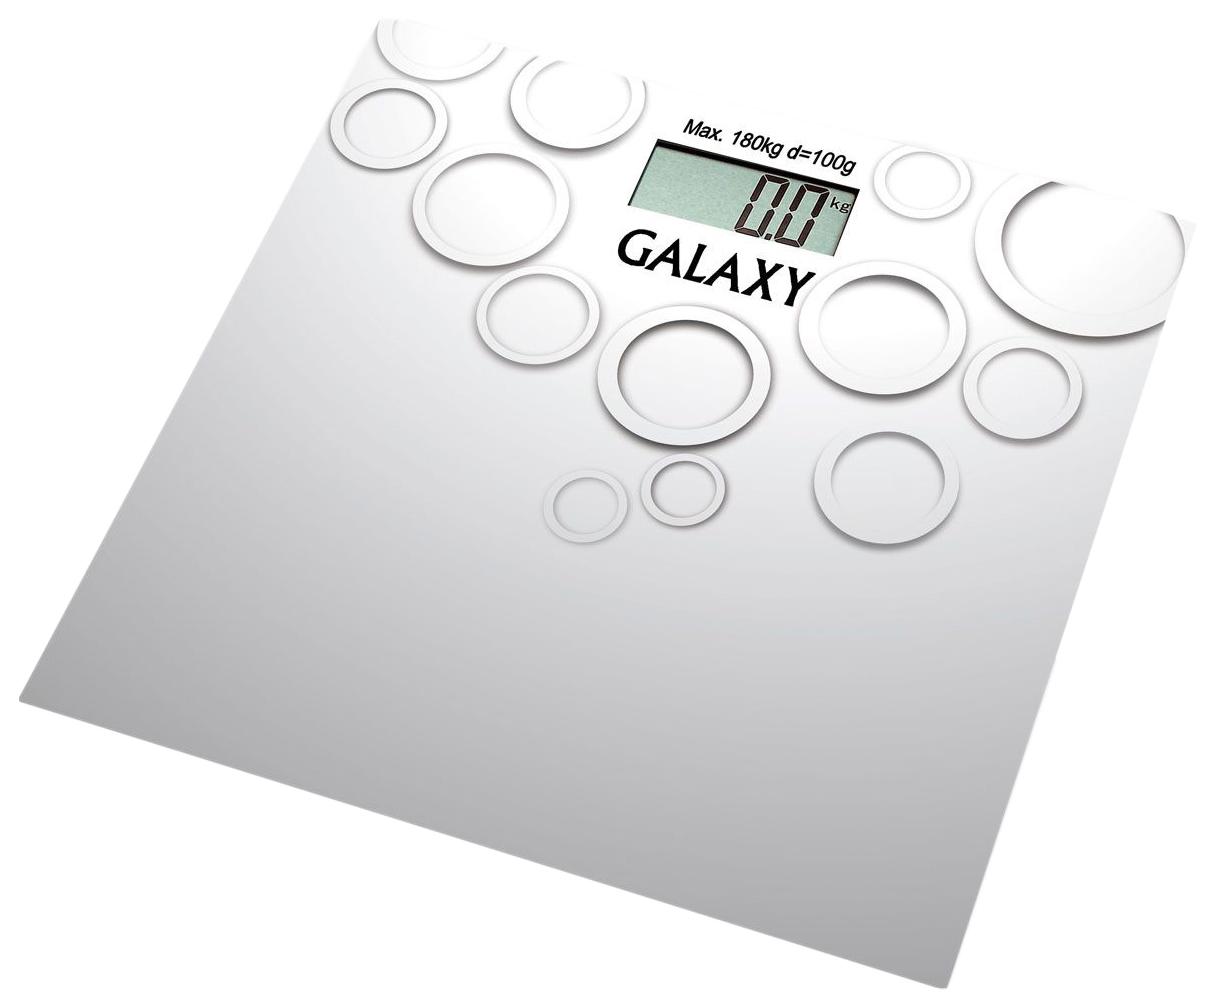 GALAXY GL 4806